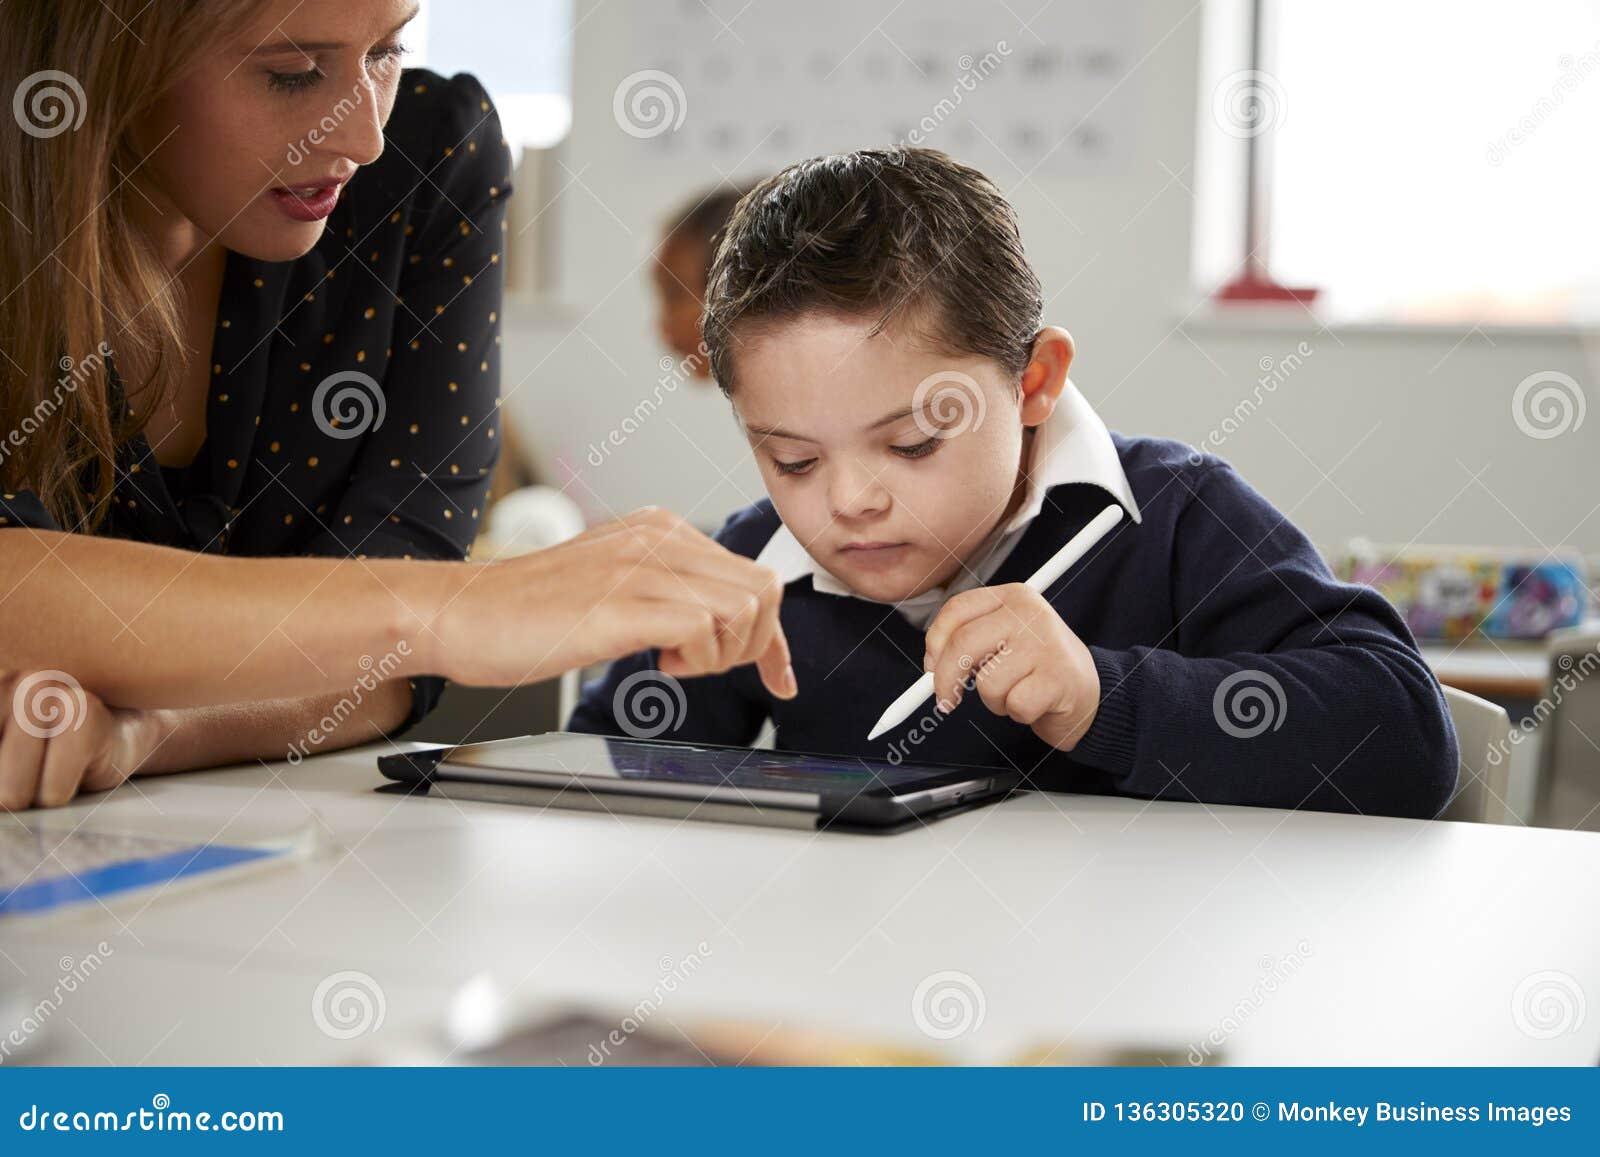 Молодая учительница работая со школьником Синдрома Дауна сидя на столе используя планшет в классе начальной школы,